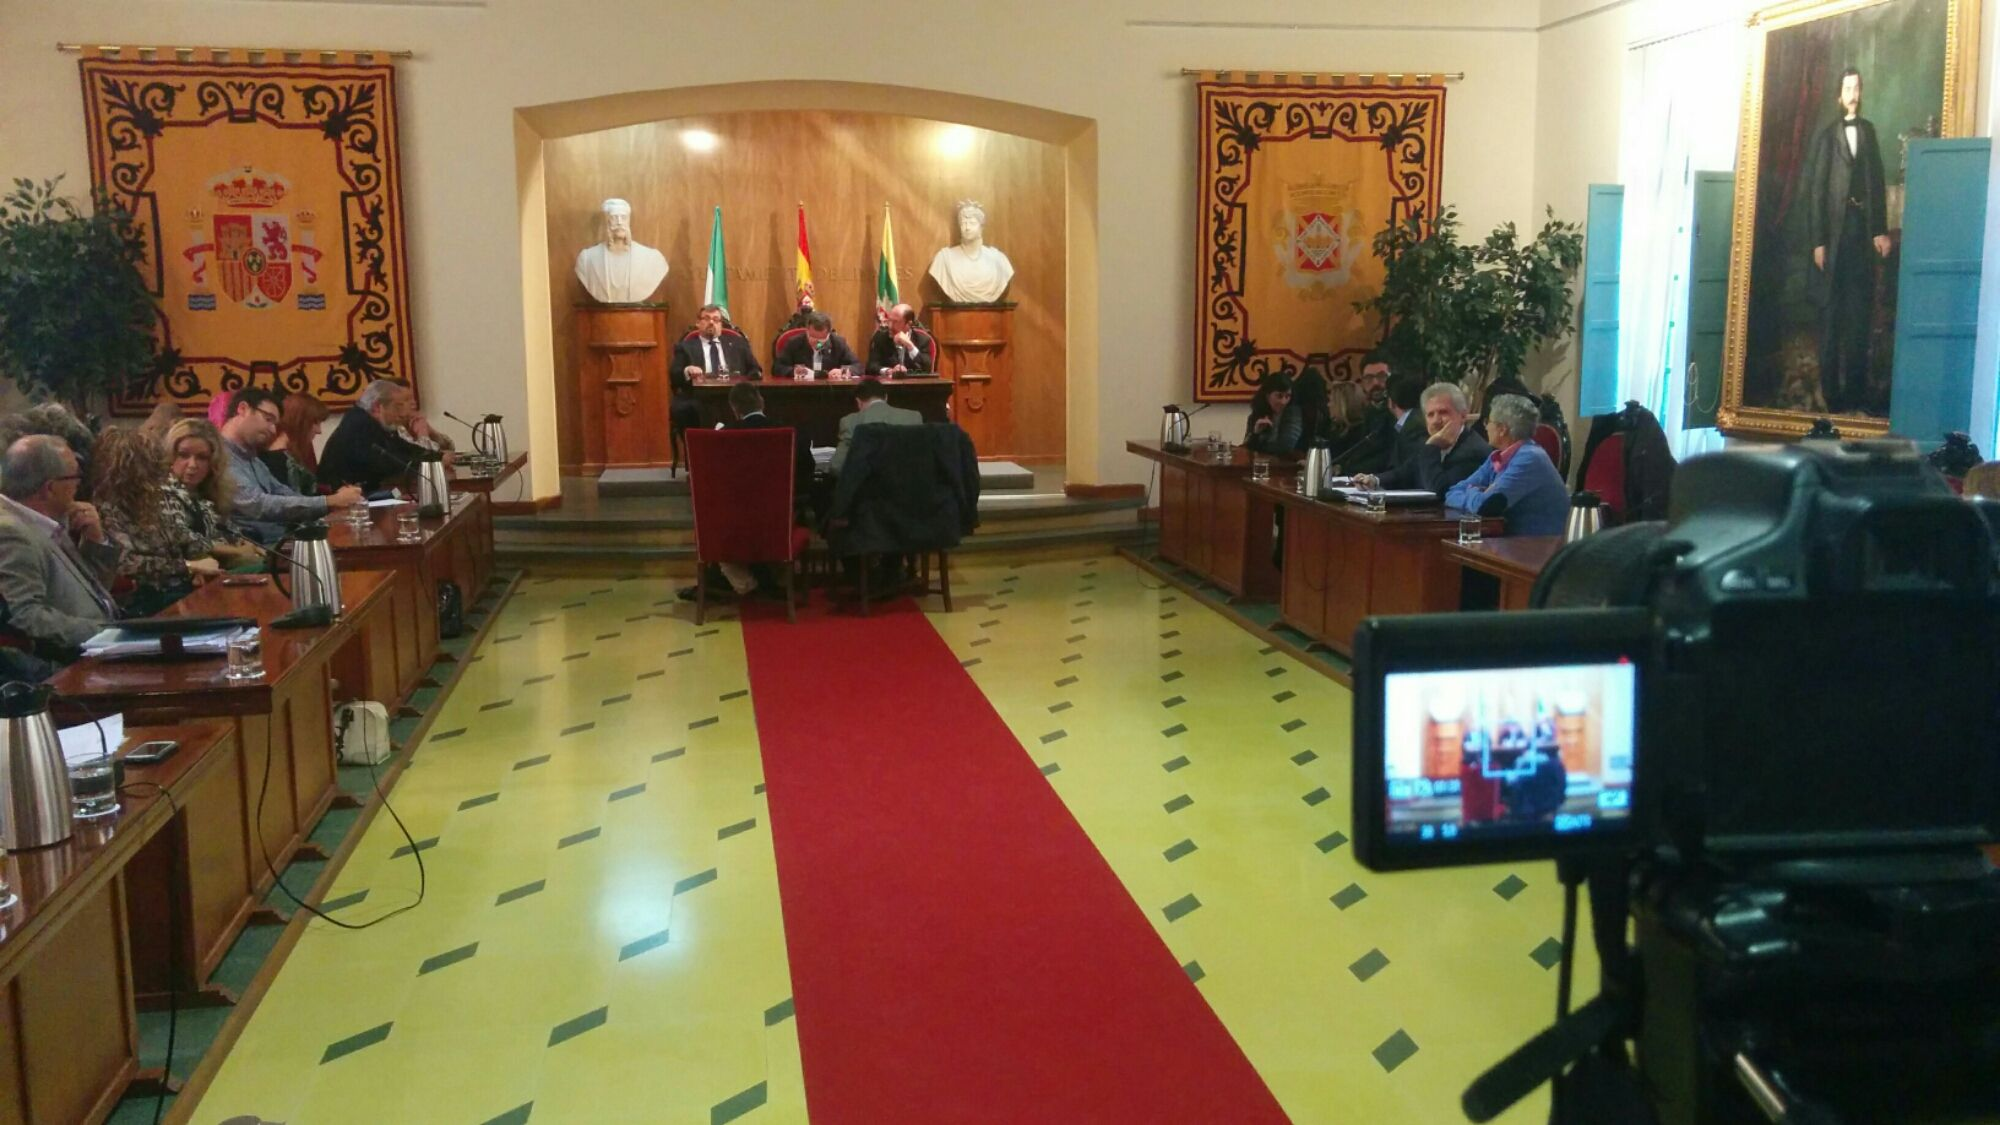 En estos momentos comienza el Pleno en la Estación de Madrid